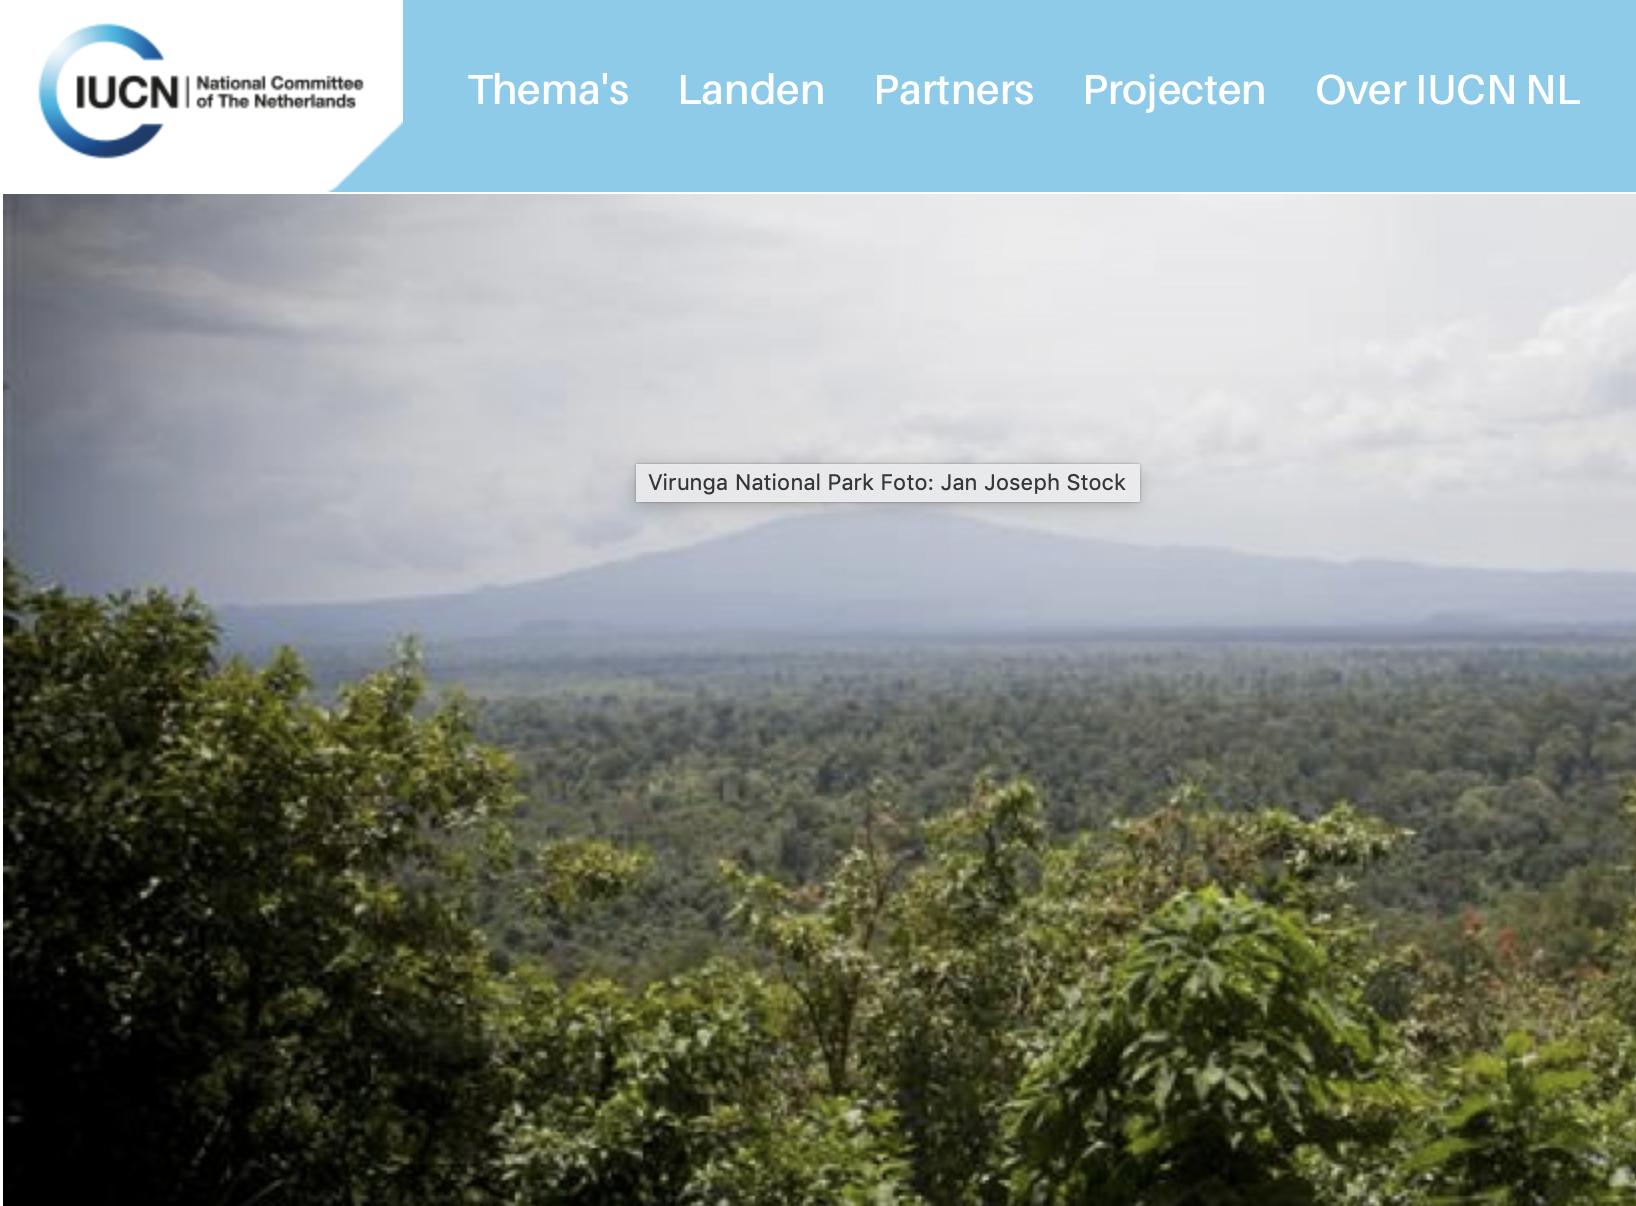 IUCN - Directeur/bestuurder a.i.